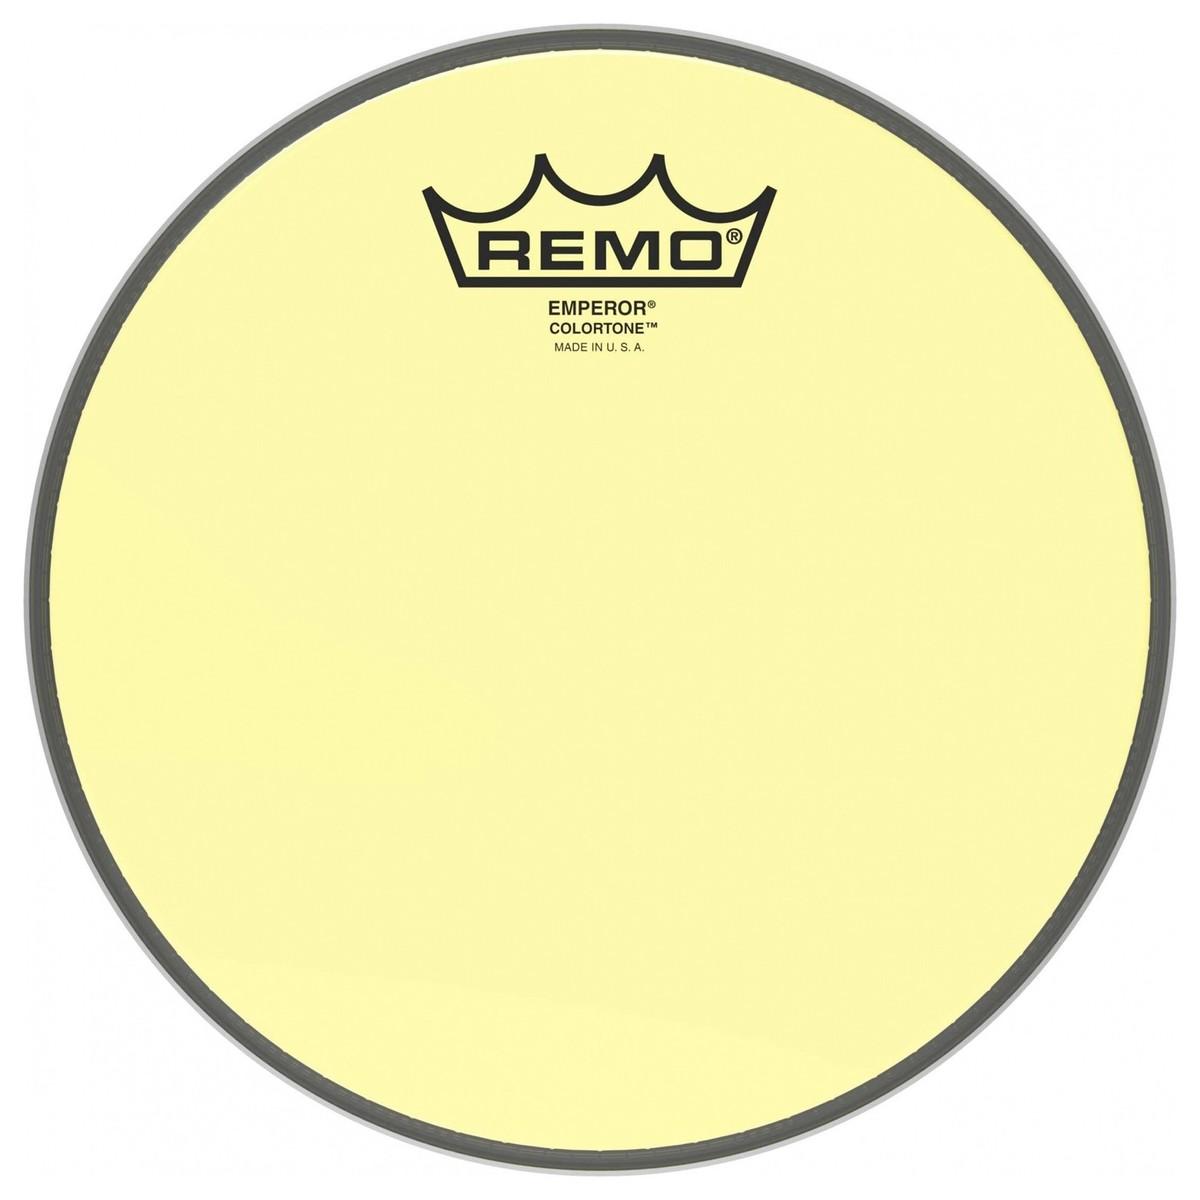 Remo Emperor Colortone Yellow 15 Drum Head